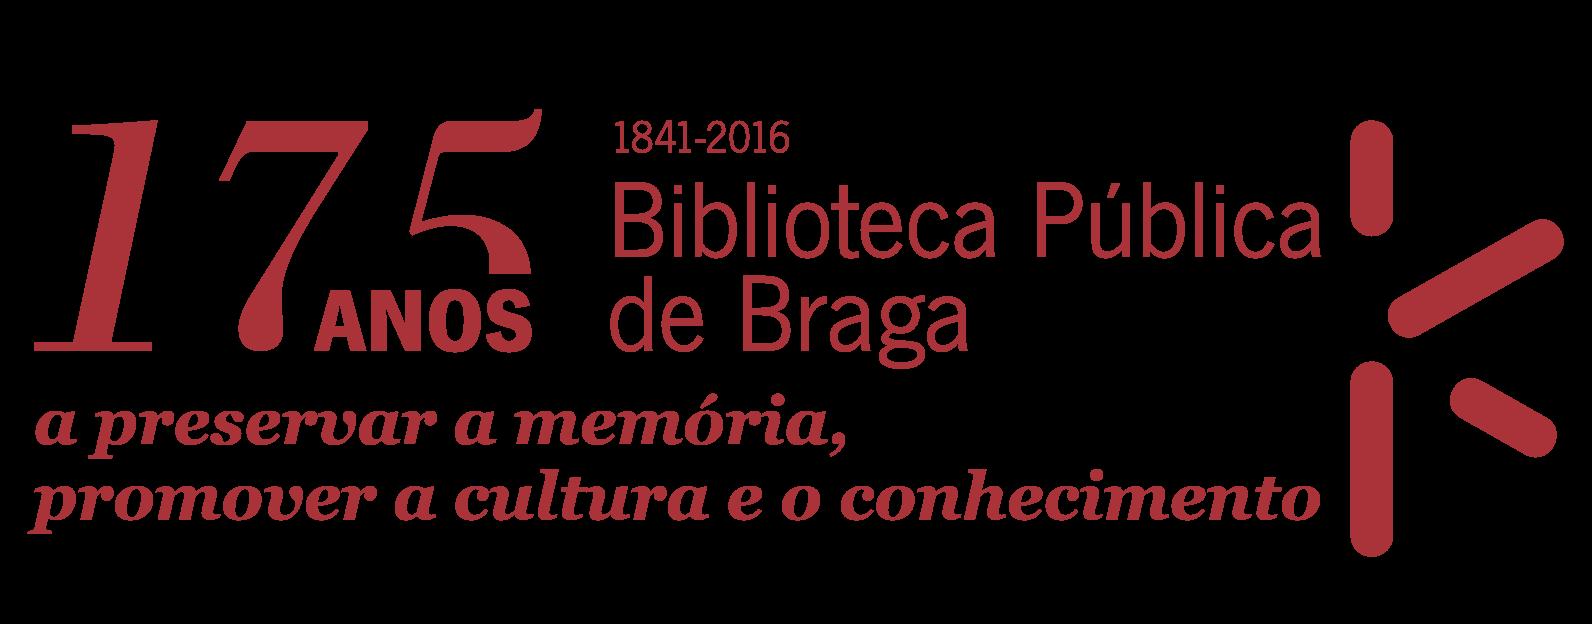 175 Anos Biblioteca Pública de Braga